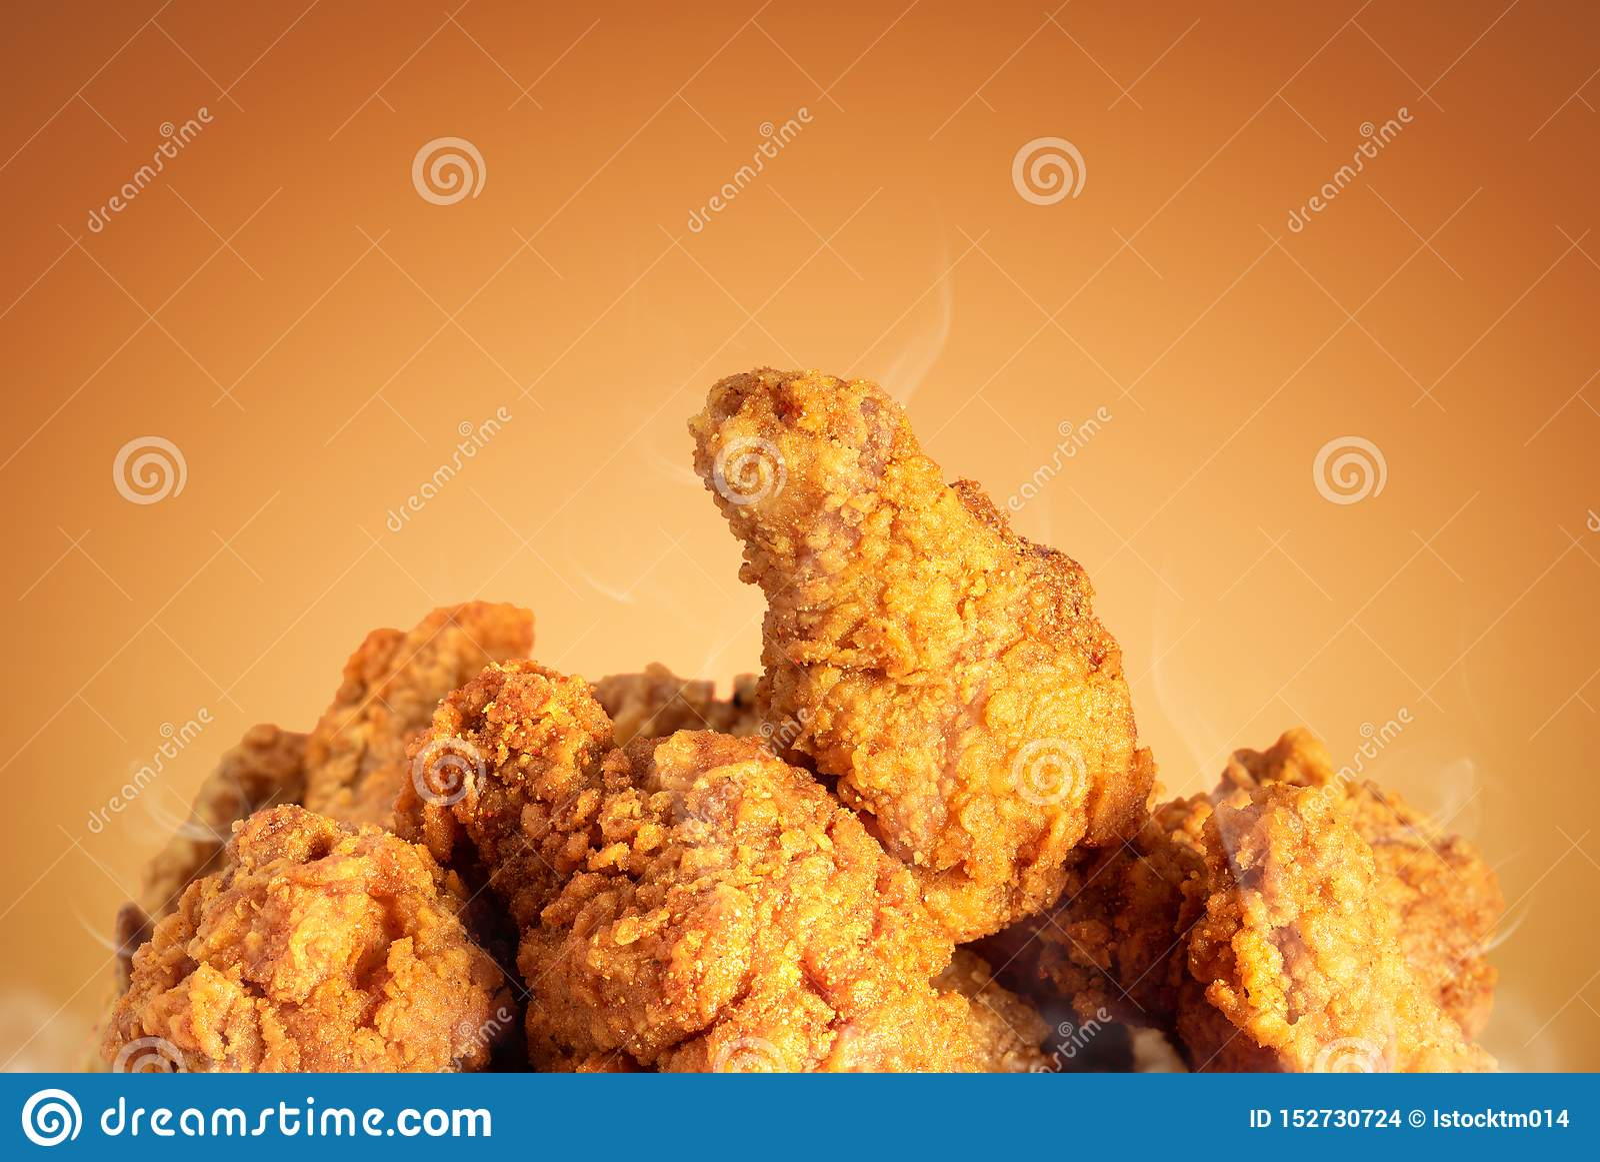 炸鸡或酥脆肯塔基棕色背景的 与便当的可口热的膳食